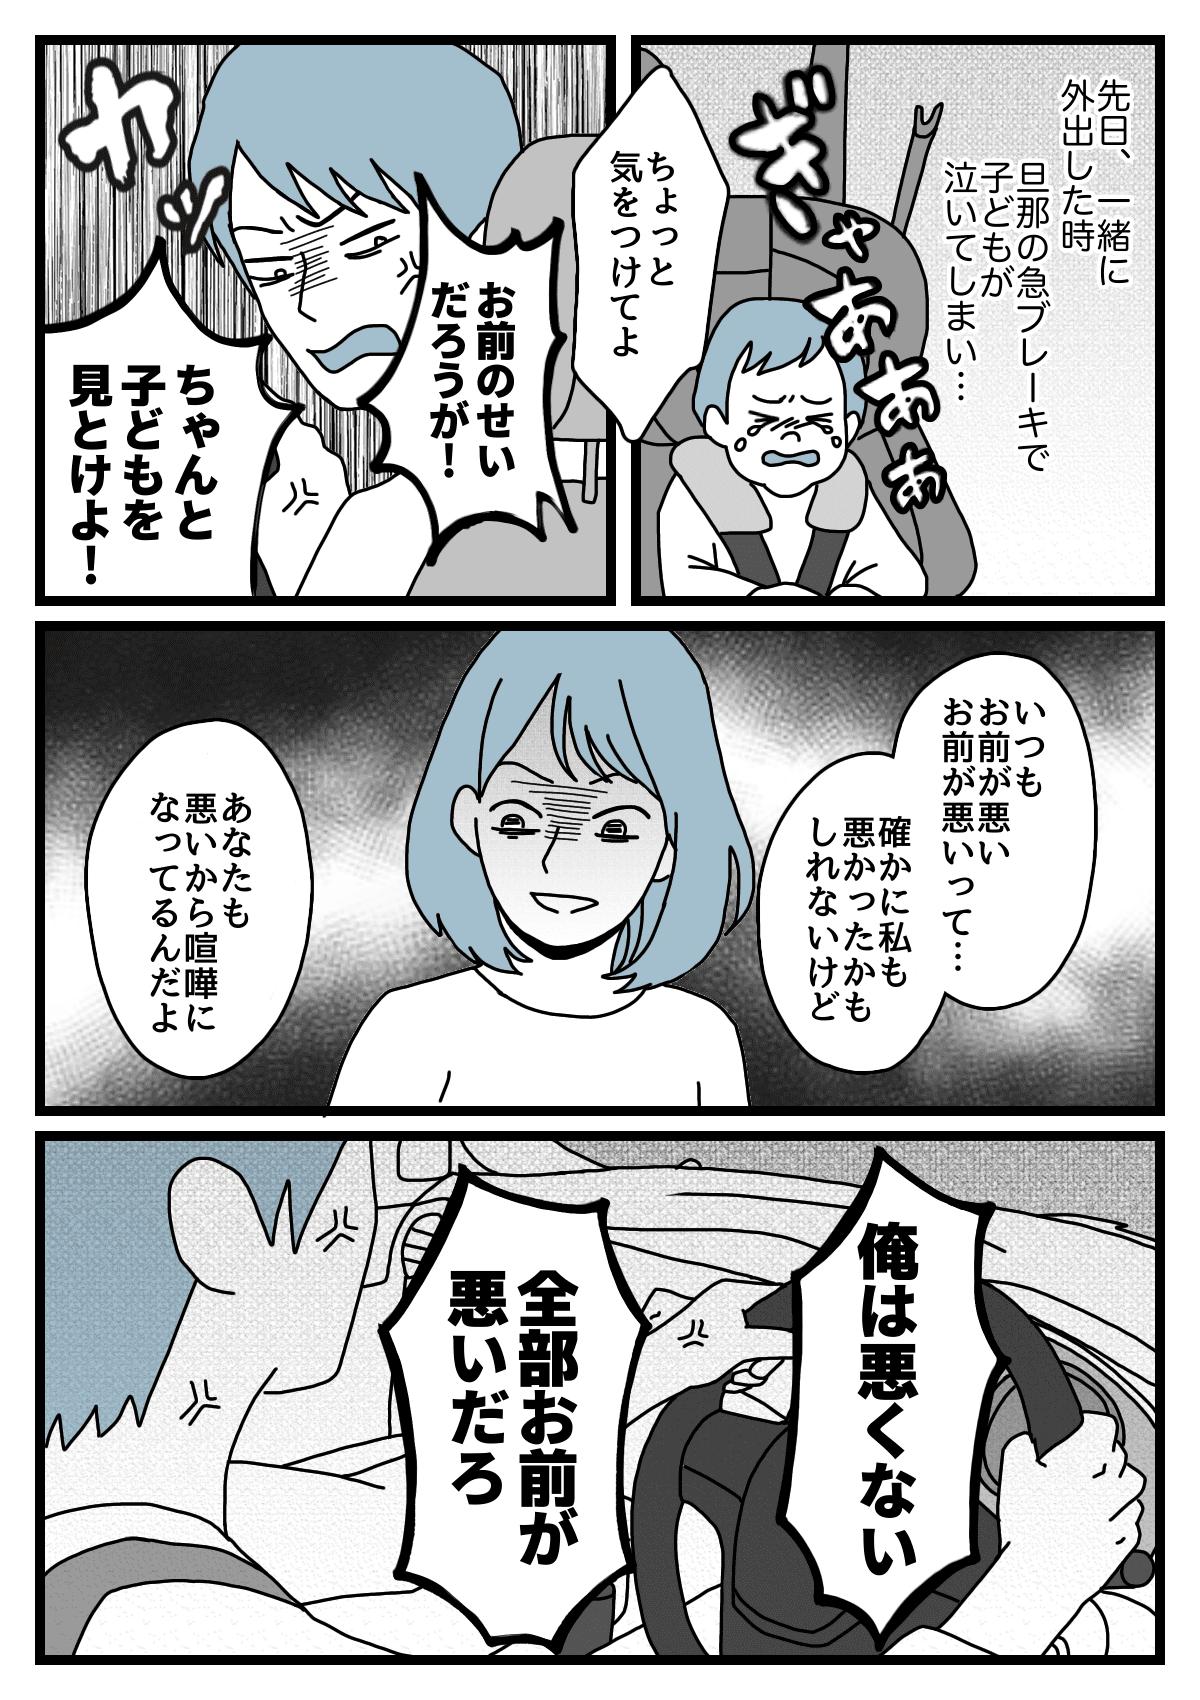 【前編】束縛2